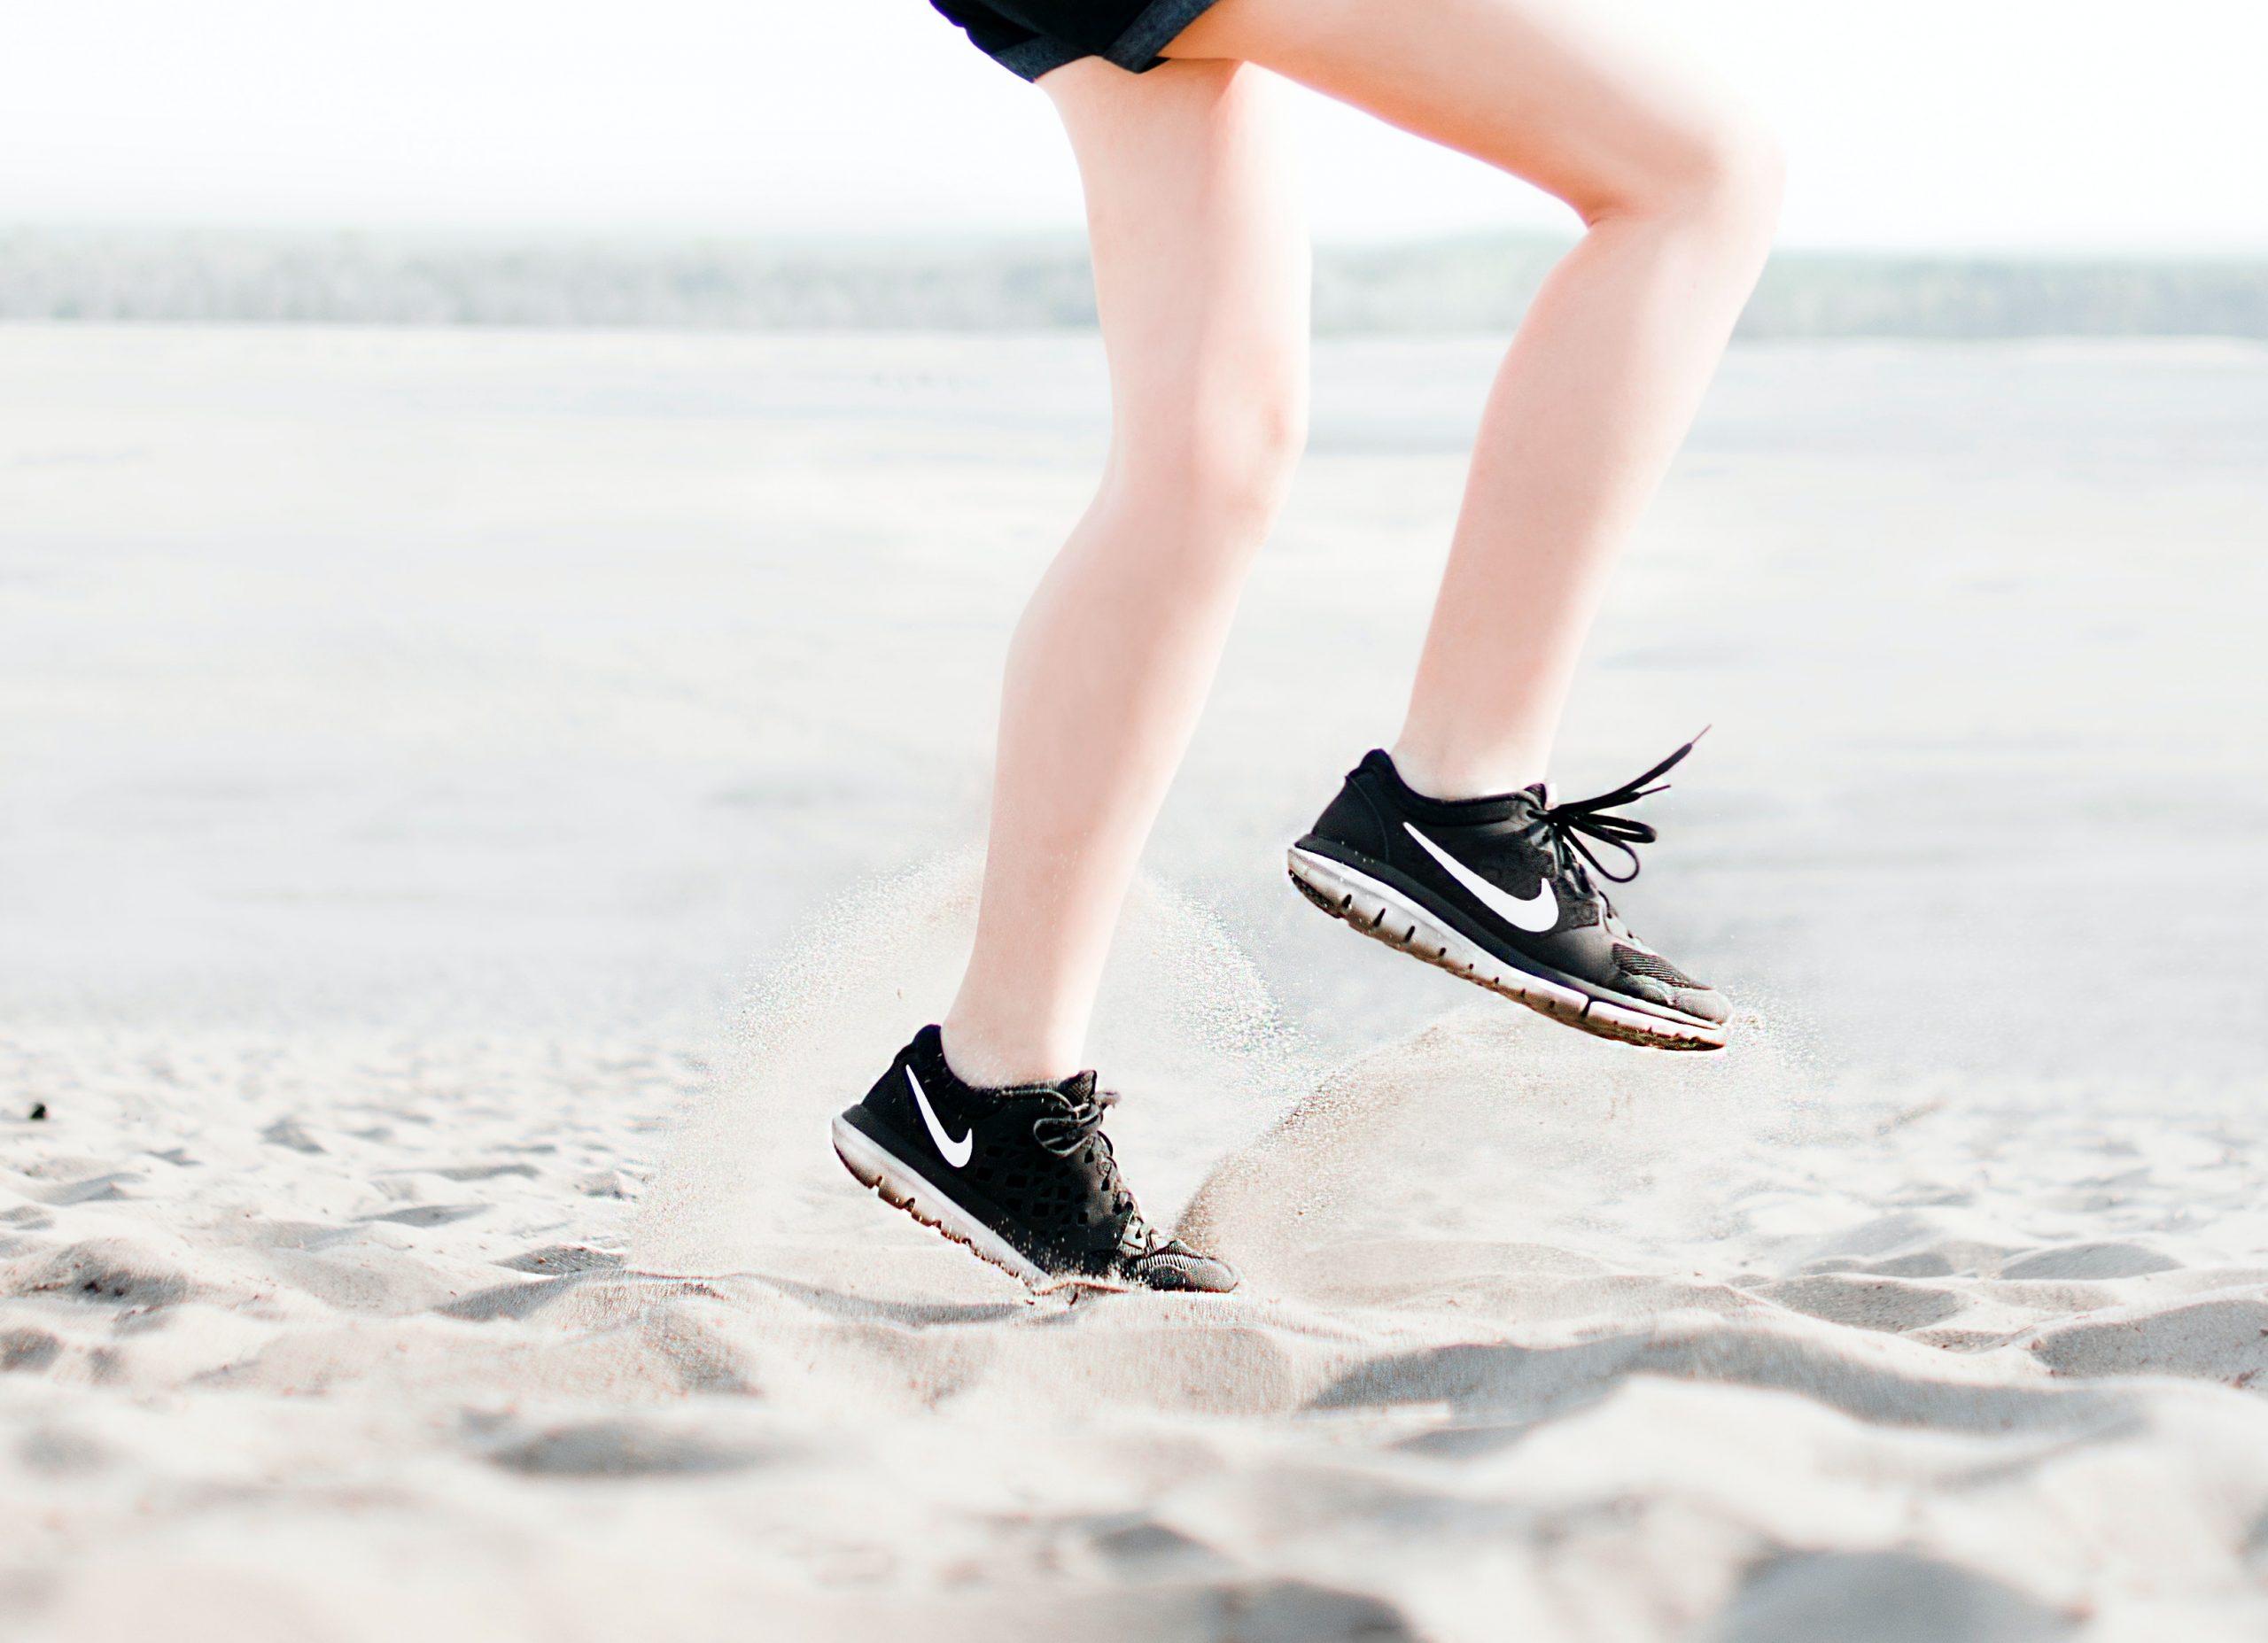 Video: Ejercicios para piernas flácidas